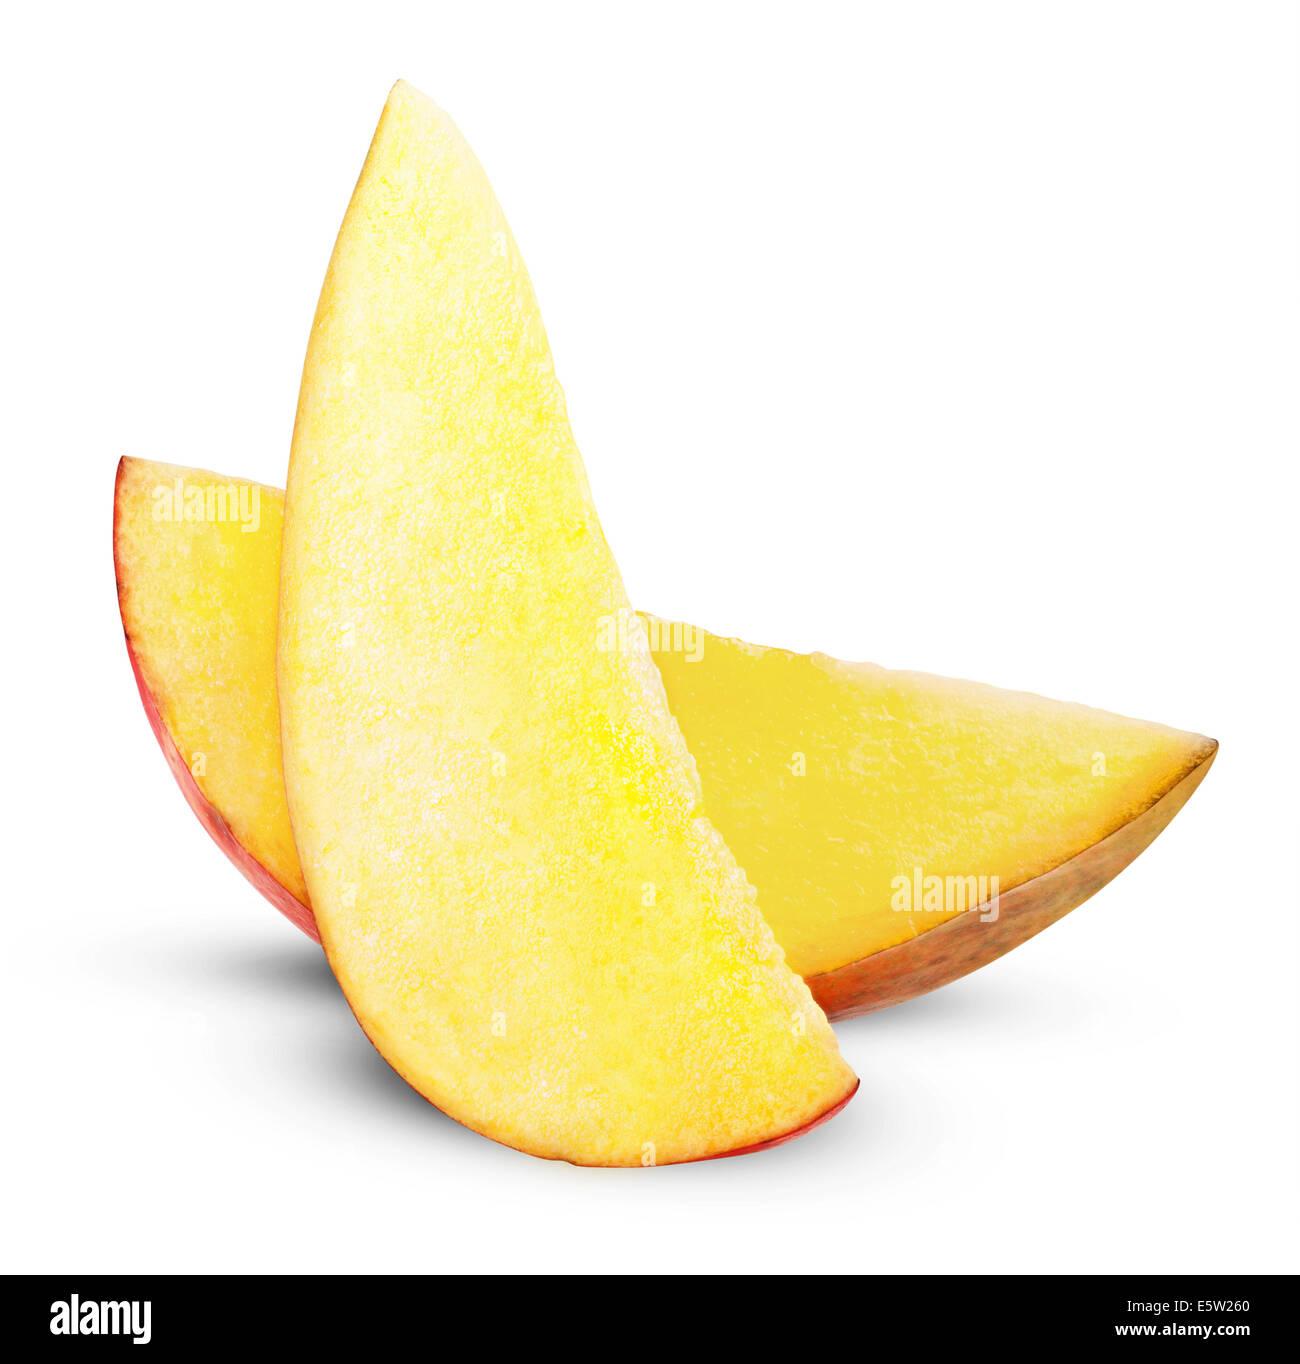 Mango slice isolated on white background. Clipping Path - Stock Image